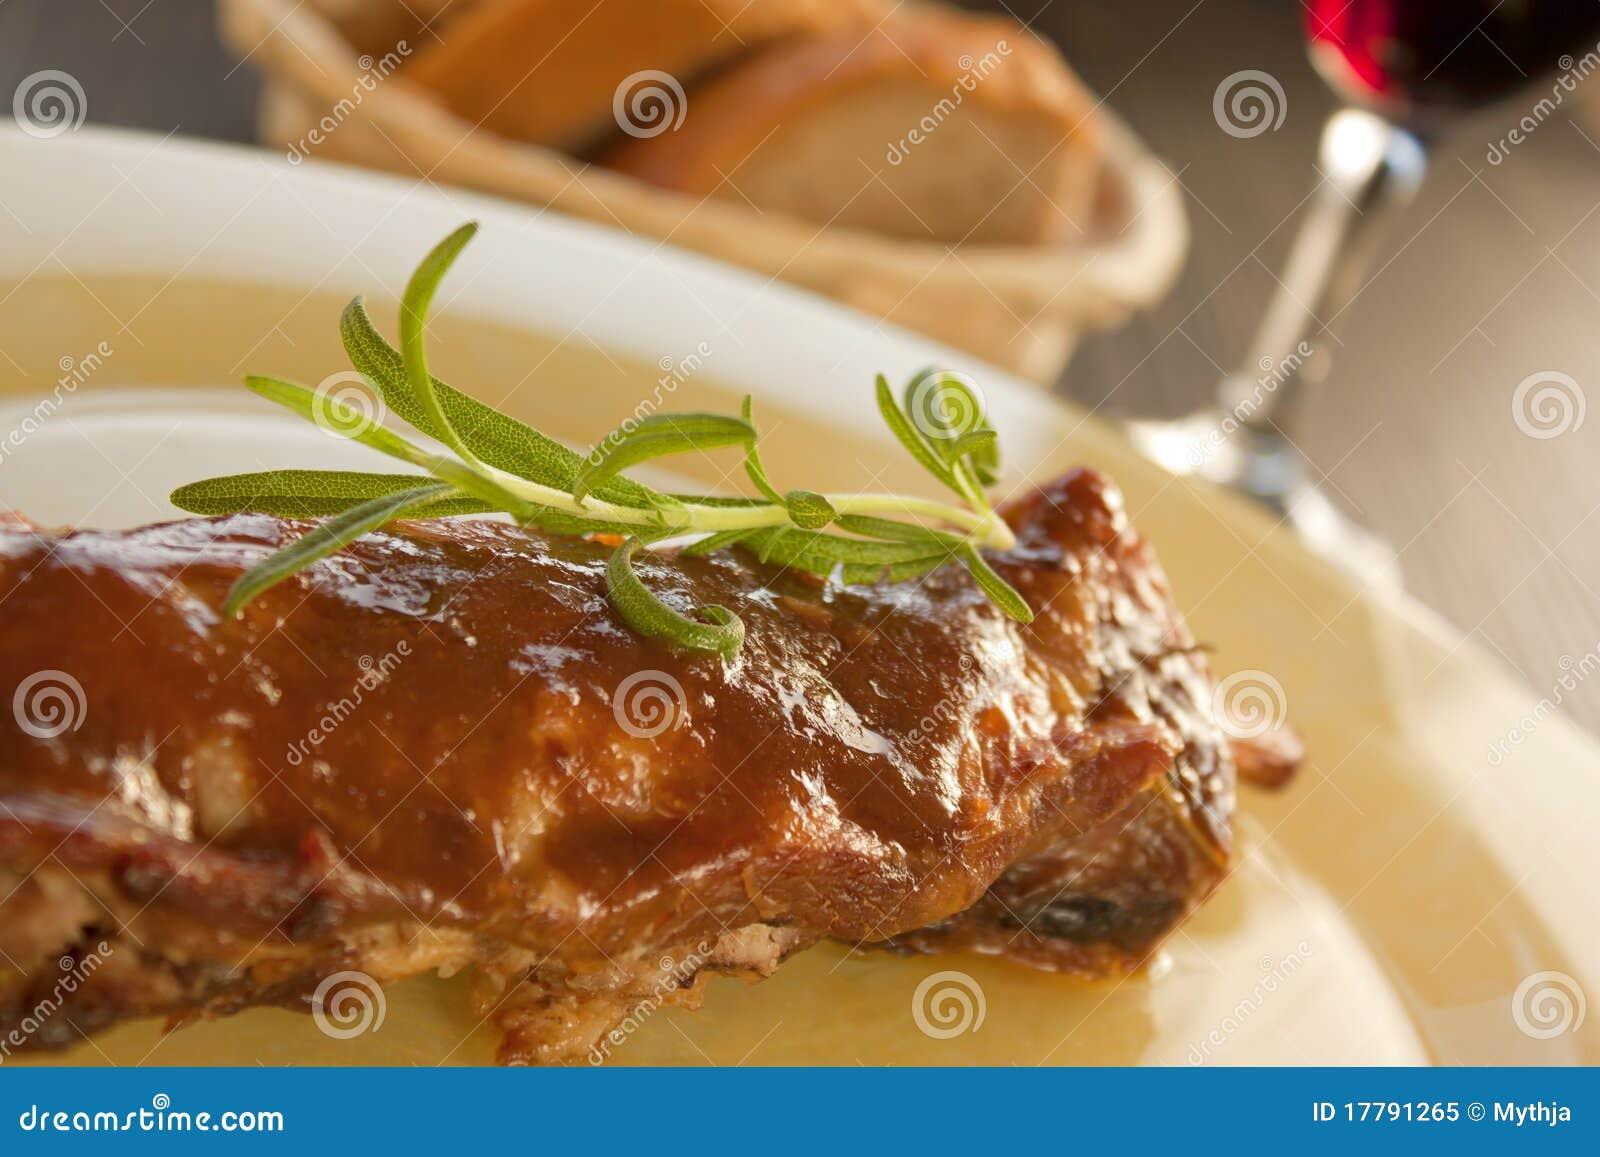 Nervature del vitello con salsa